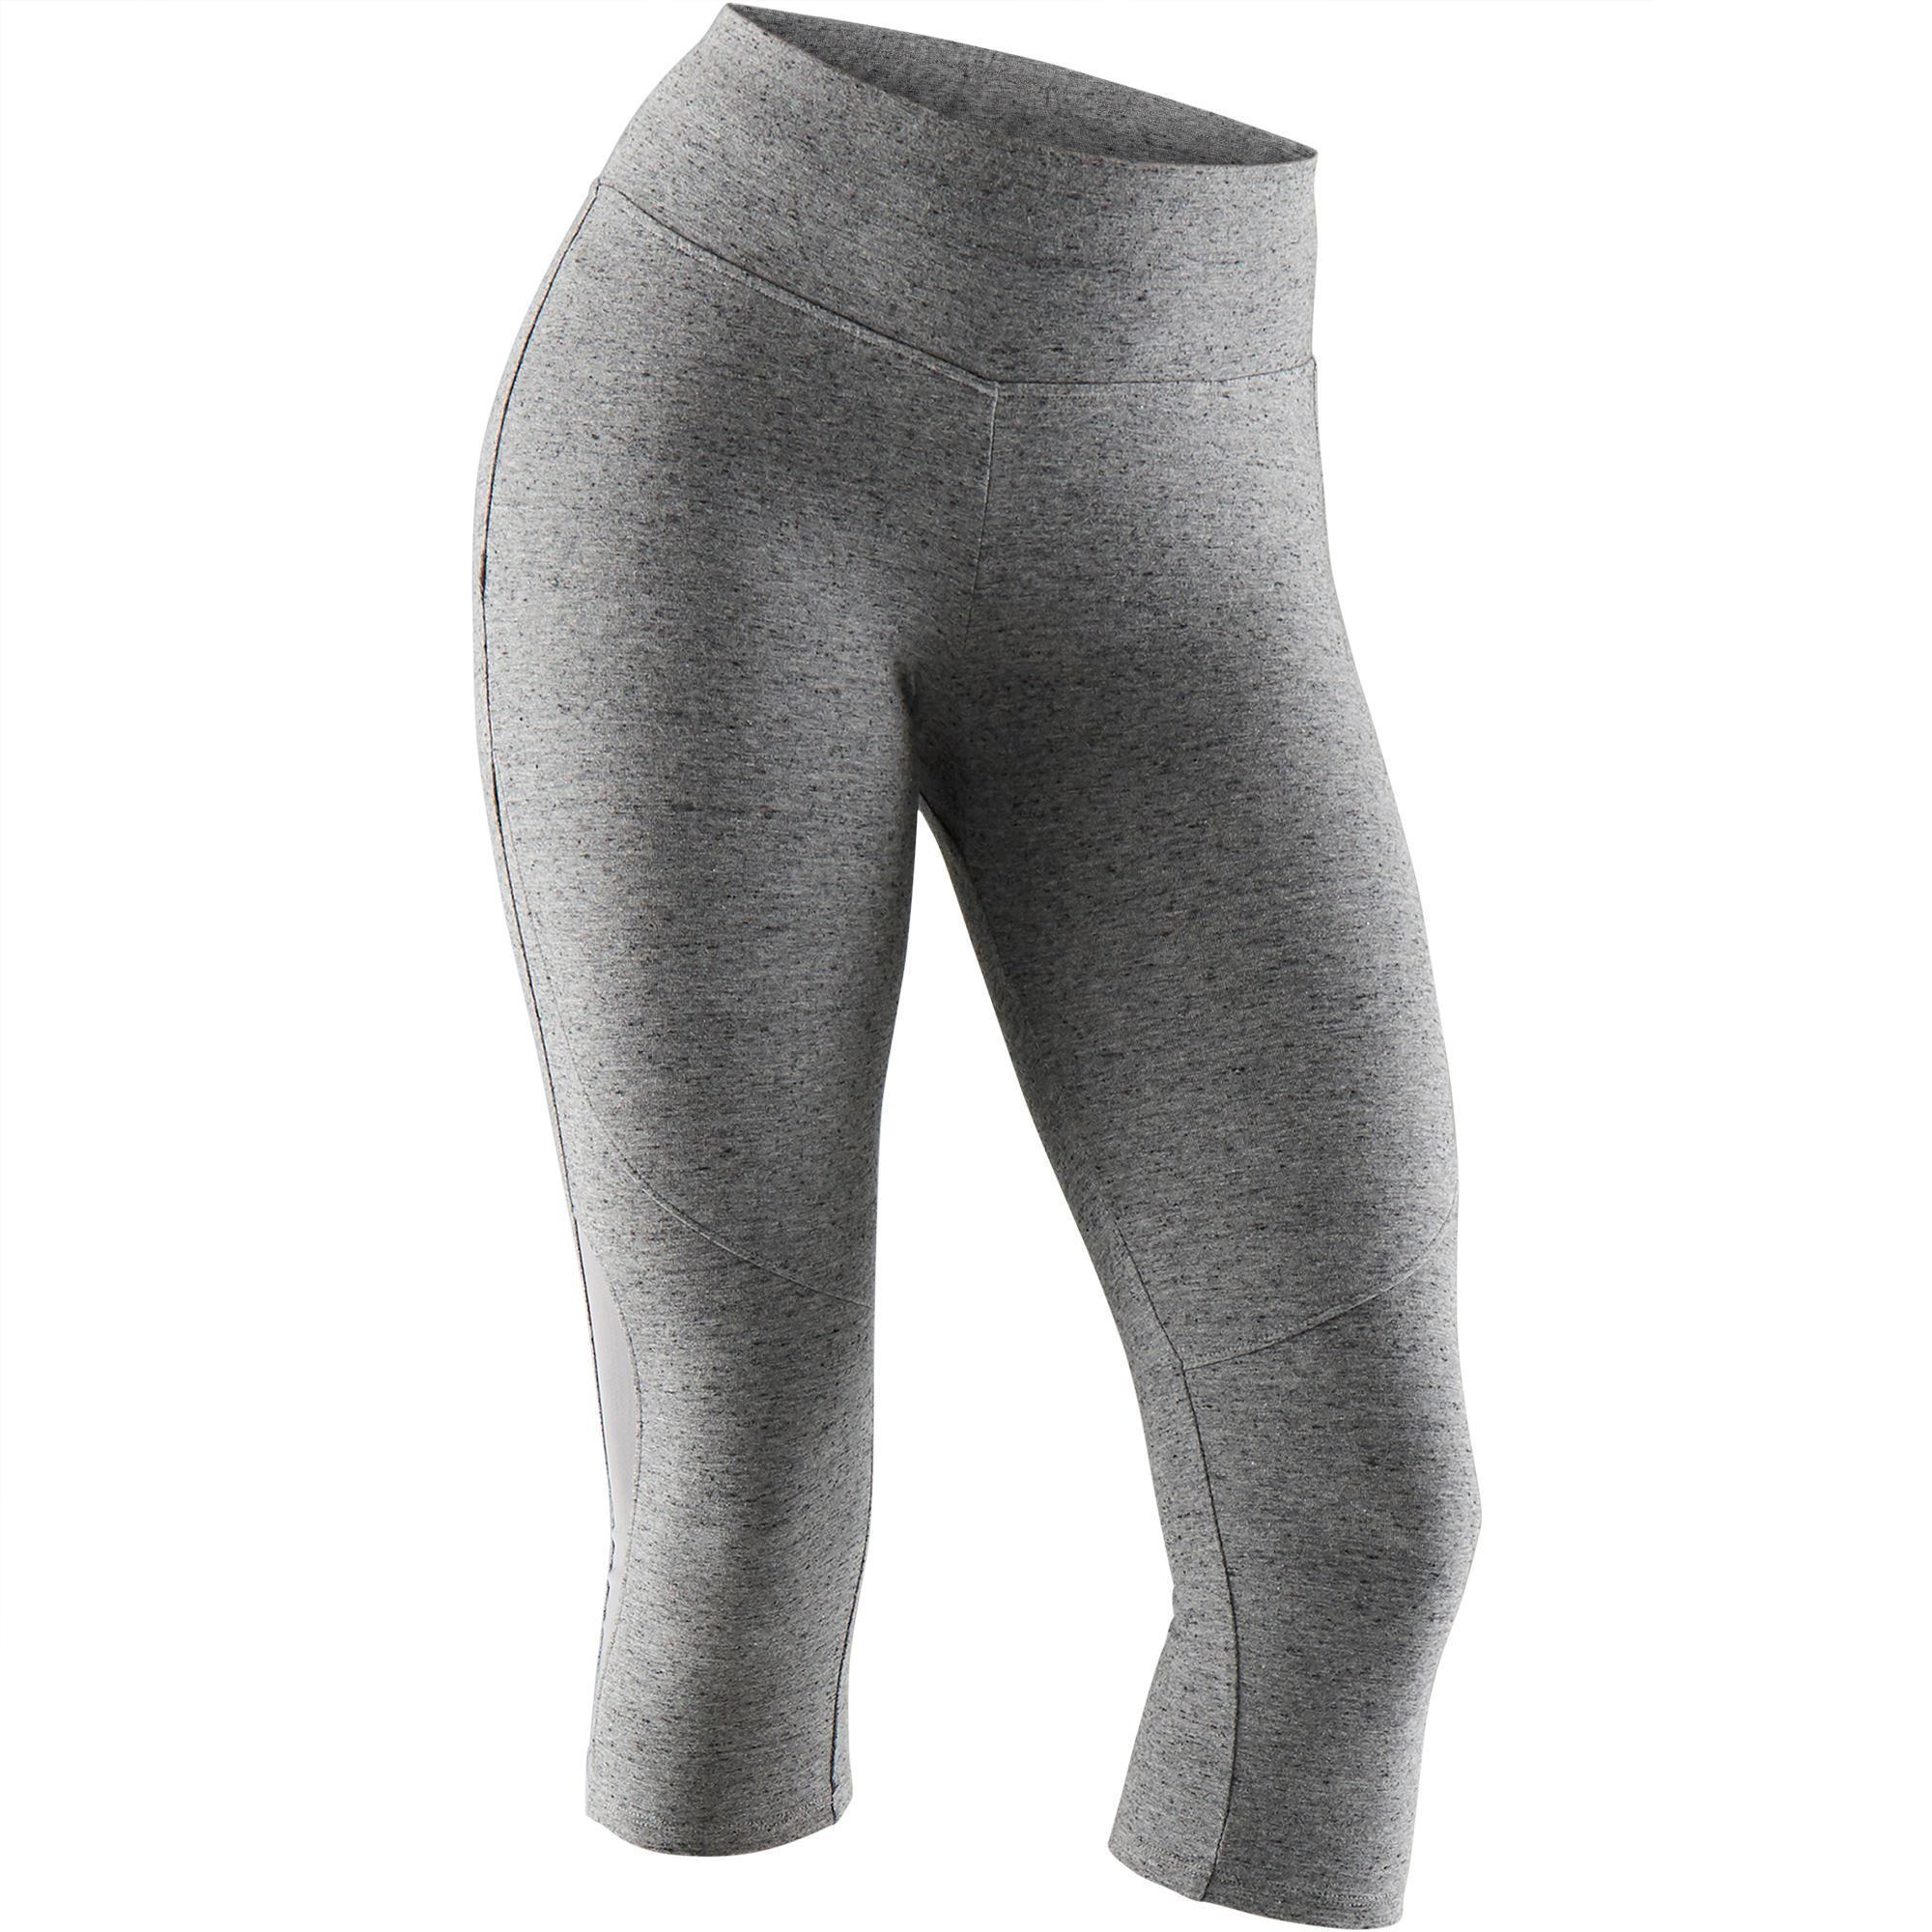 Domyos Kuitbroek 520 pilates en lichte gym dames gemêleerd grijs